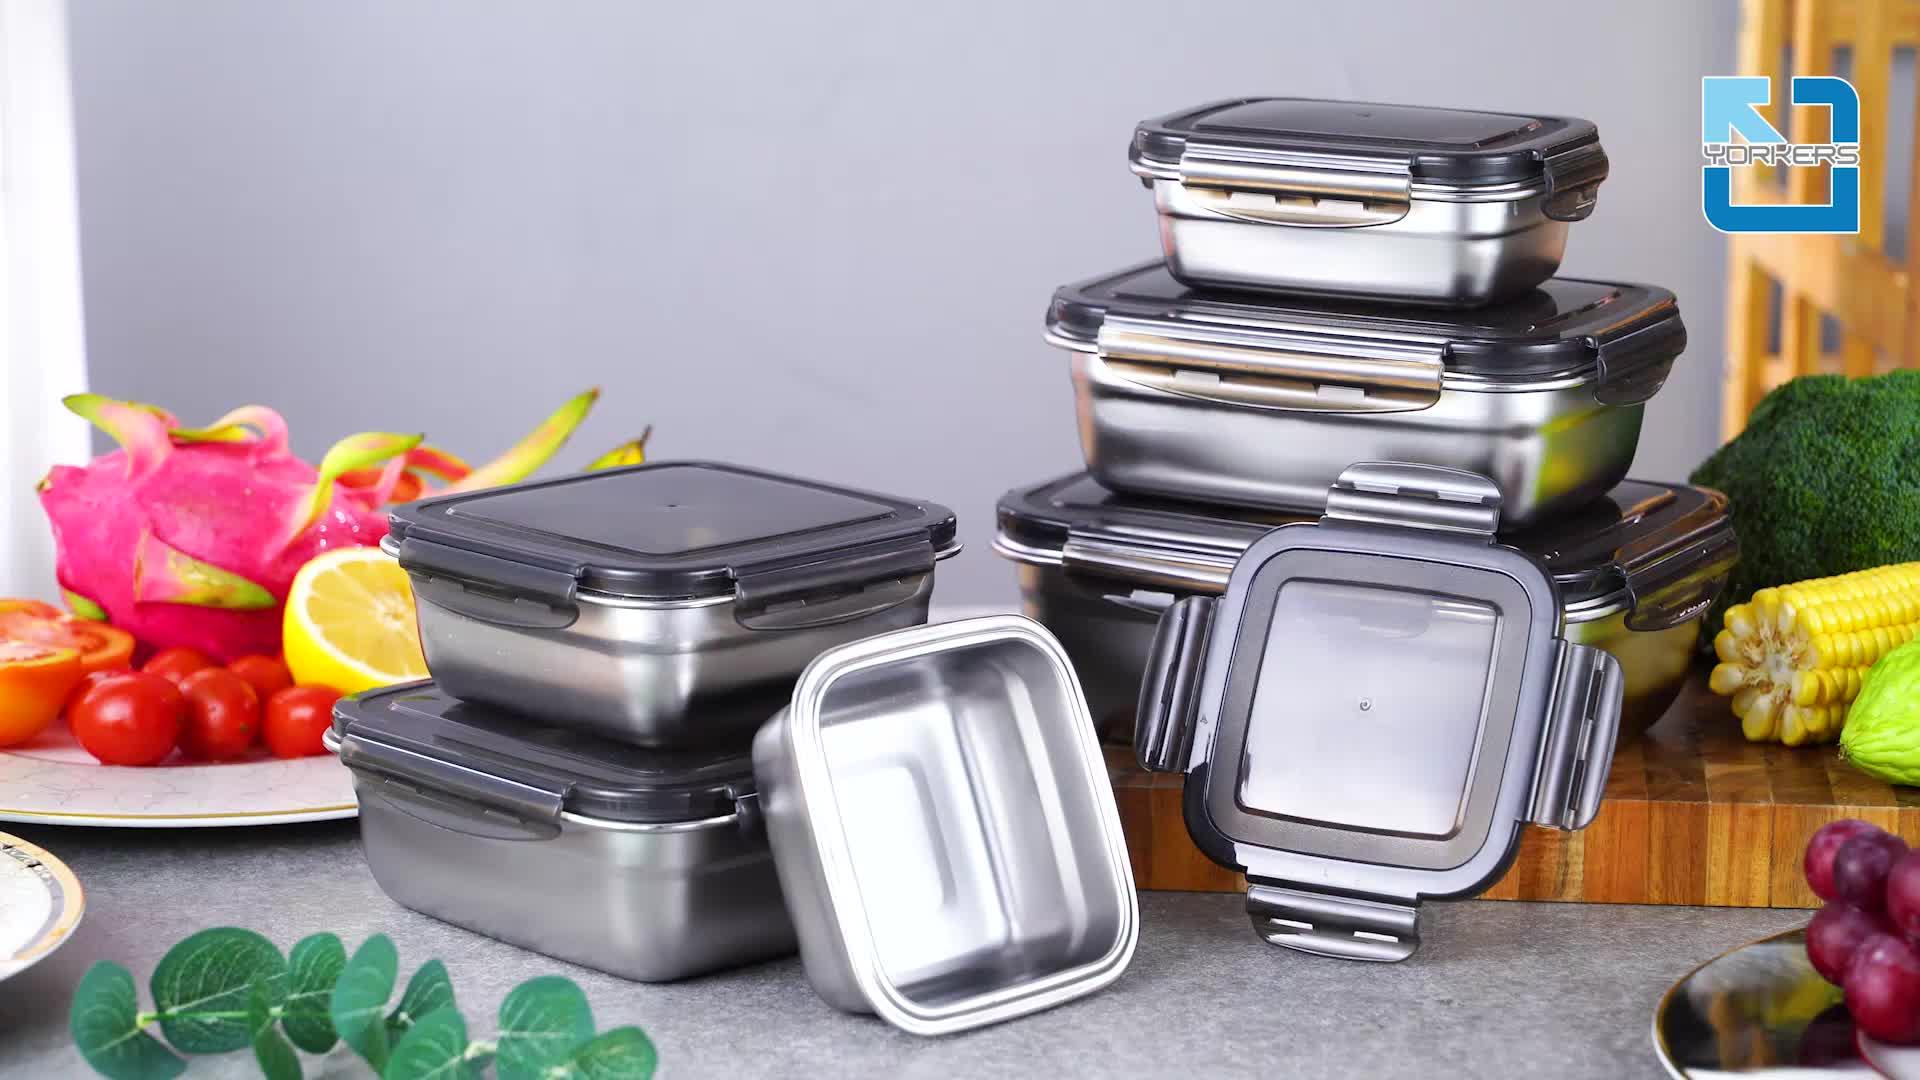 ฉนวน Airtight โลหะ Bento กล่องเก็บอาหารกลางวันสแตนเลสภาชนะบรรจุอาหาร